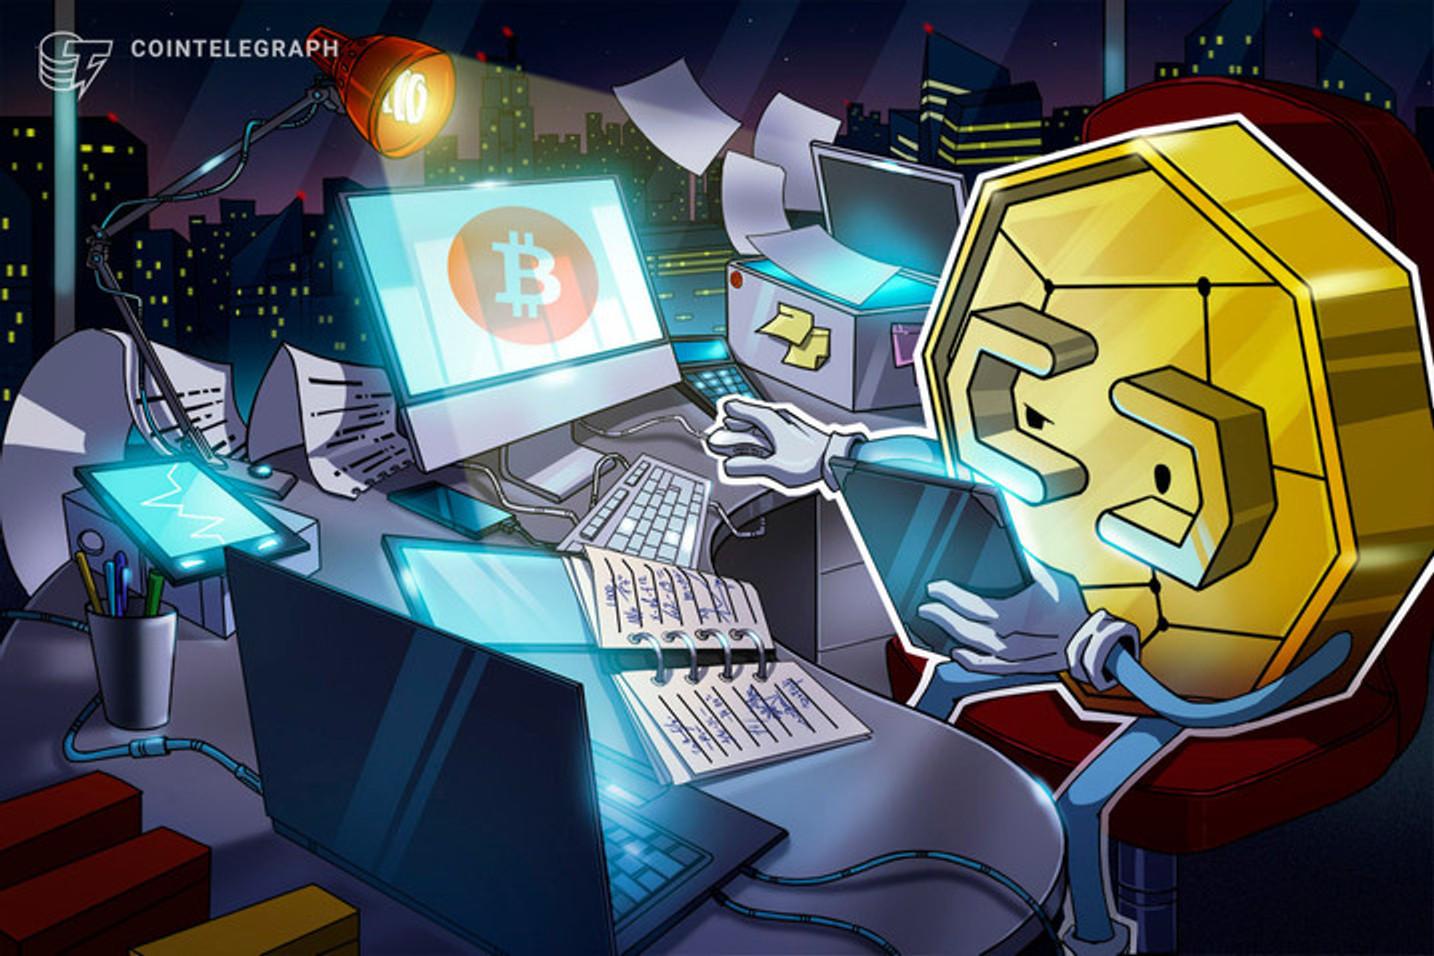 仮想通貨ビットコイン、再び上昇、「これまでとは違う」ついに複数年のレジスタンス突破なるか?